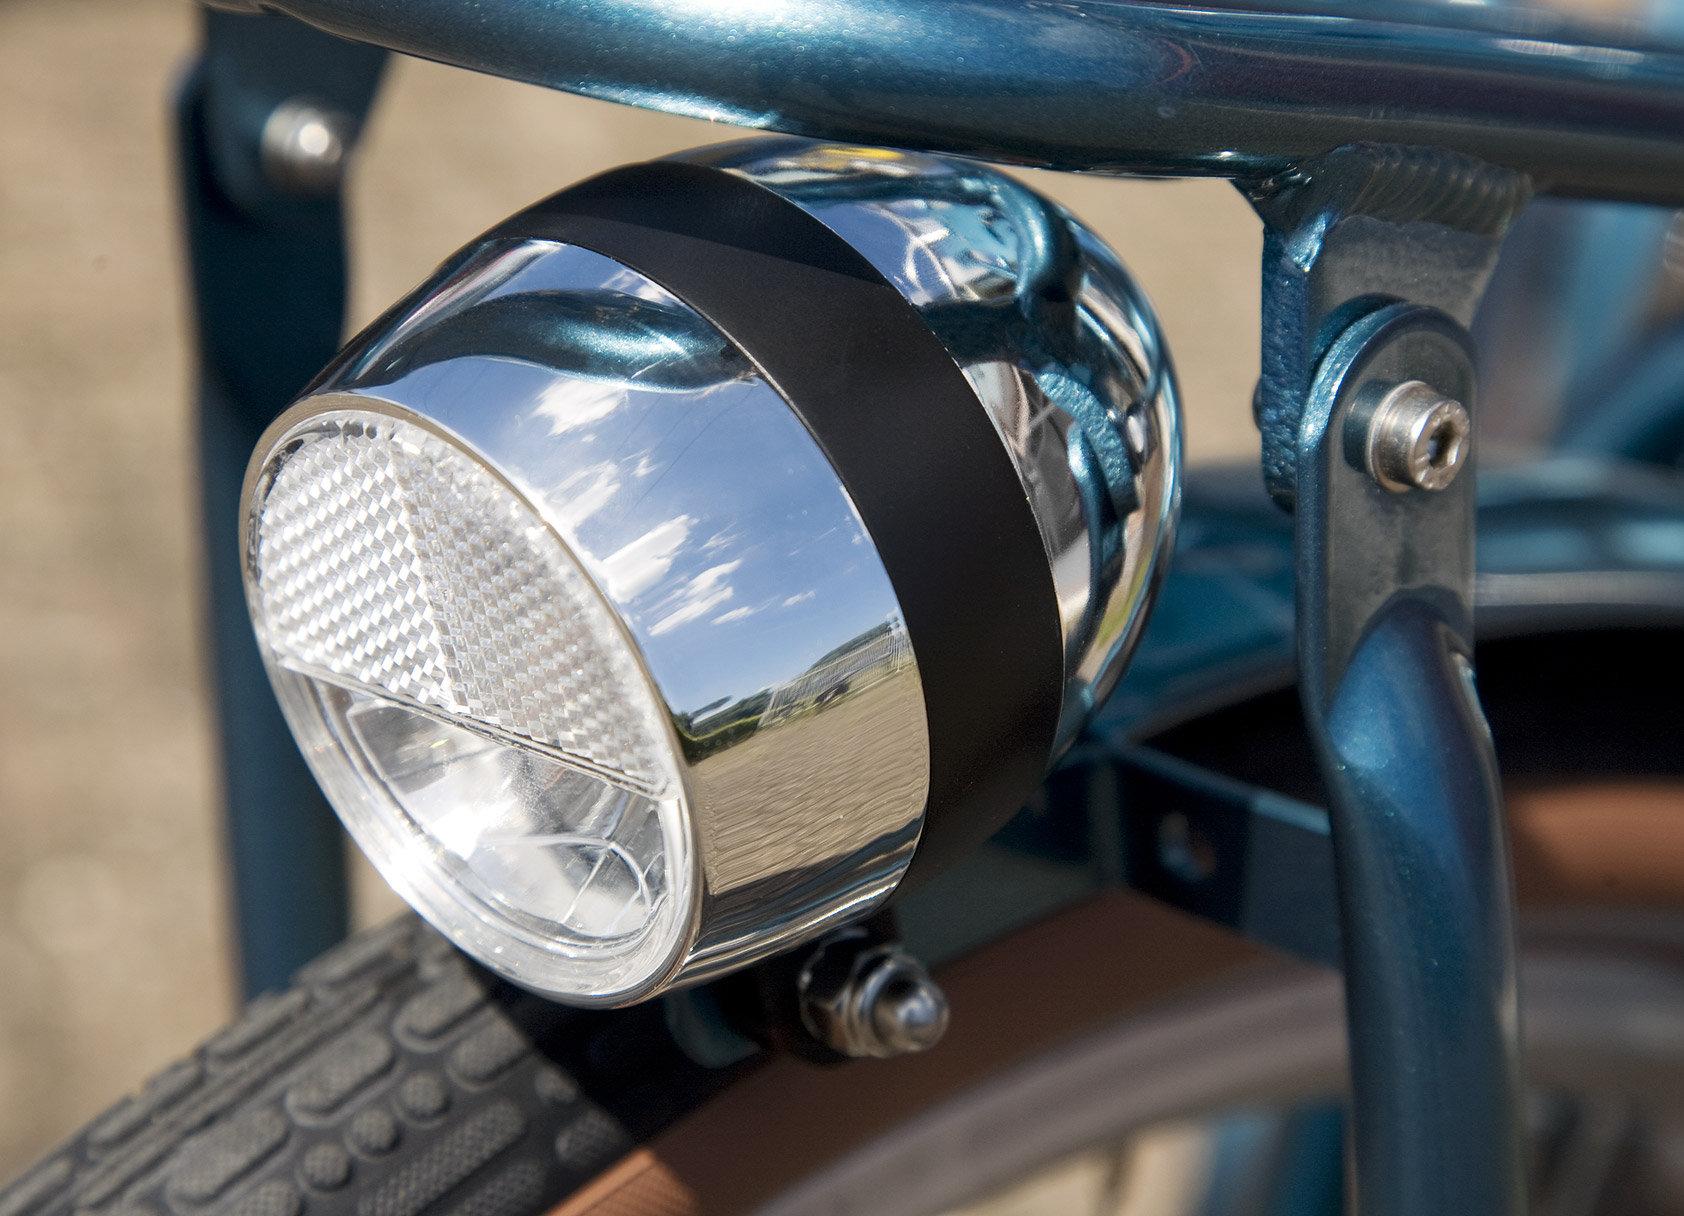 Klasszikus elsőlámpa - Beépített lámpák melyeket nem felejtesz otthon, mert mindig a kerékpáron marad. Egy gomb a kormányon bekapcsolni őket.